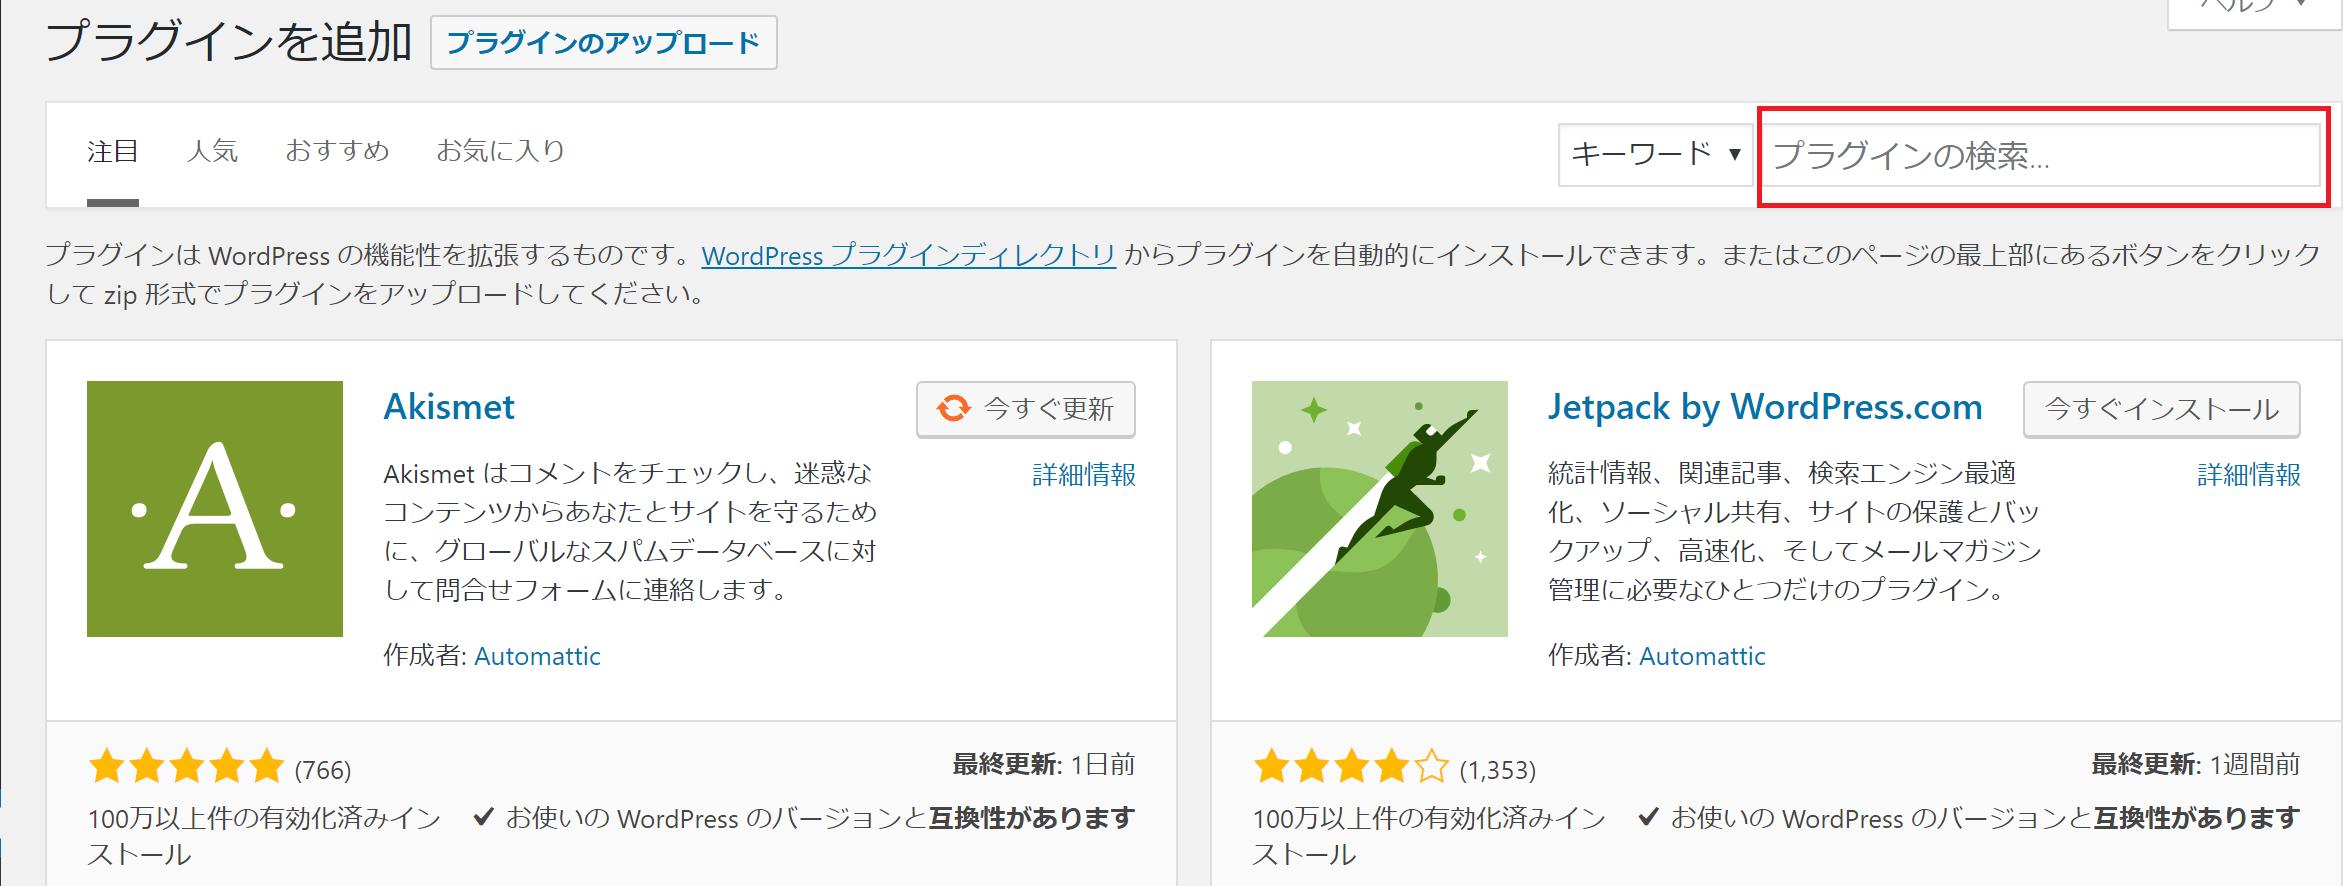 plugin download - WordPress Popular Postsの設定・日本語化・カスタマイズ方法のまとめ